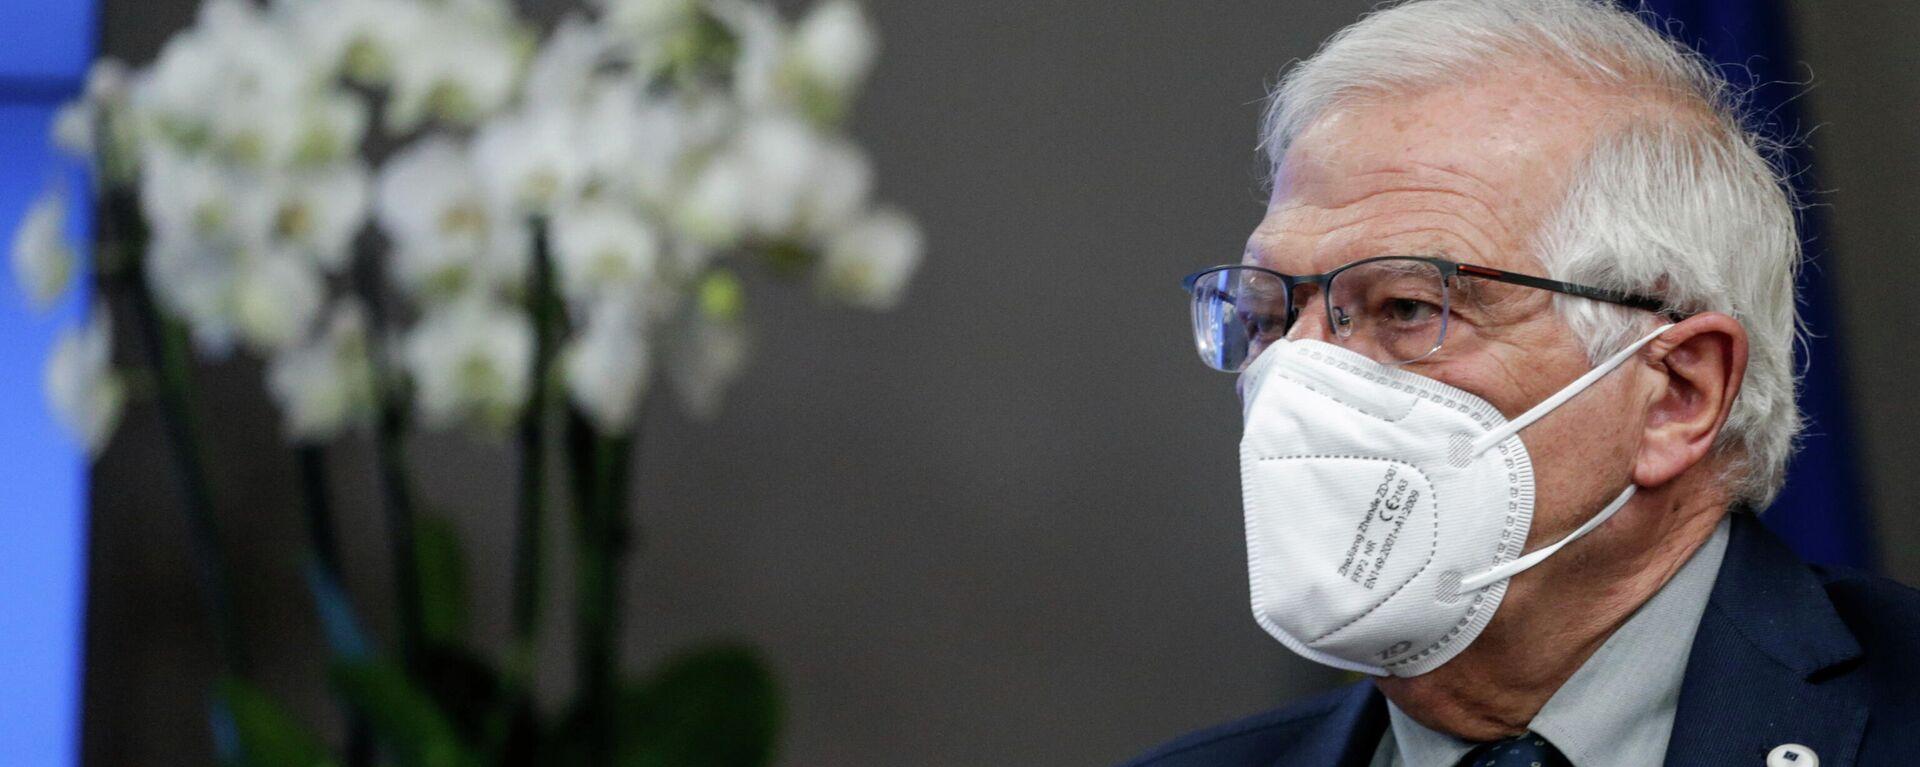 Josep Borrell, ministro de Asuntos Exteriores de la Unión Europe - Sputnik Mundo, 1920, 25.06.2021